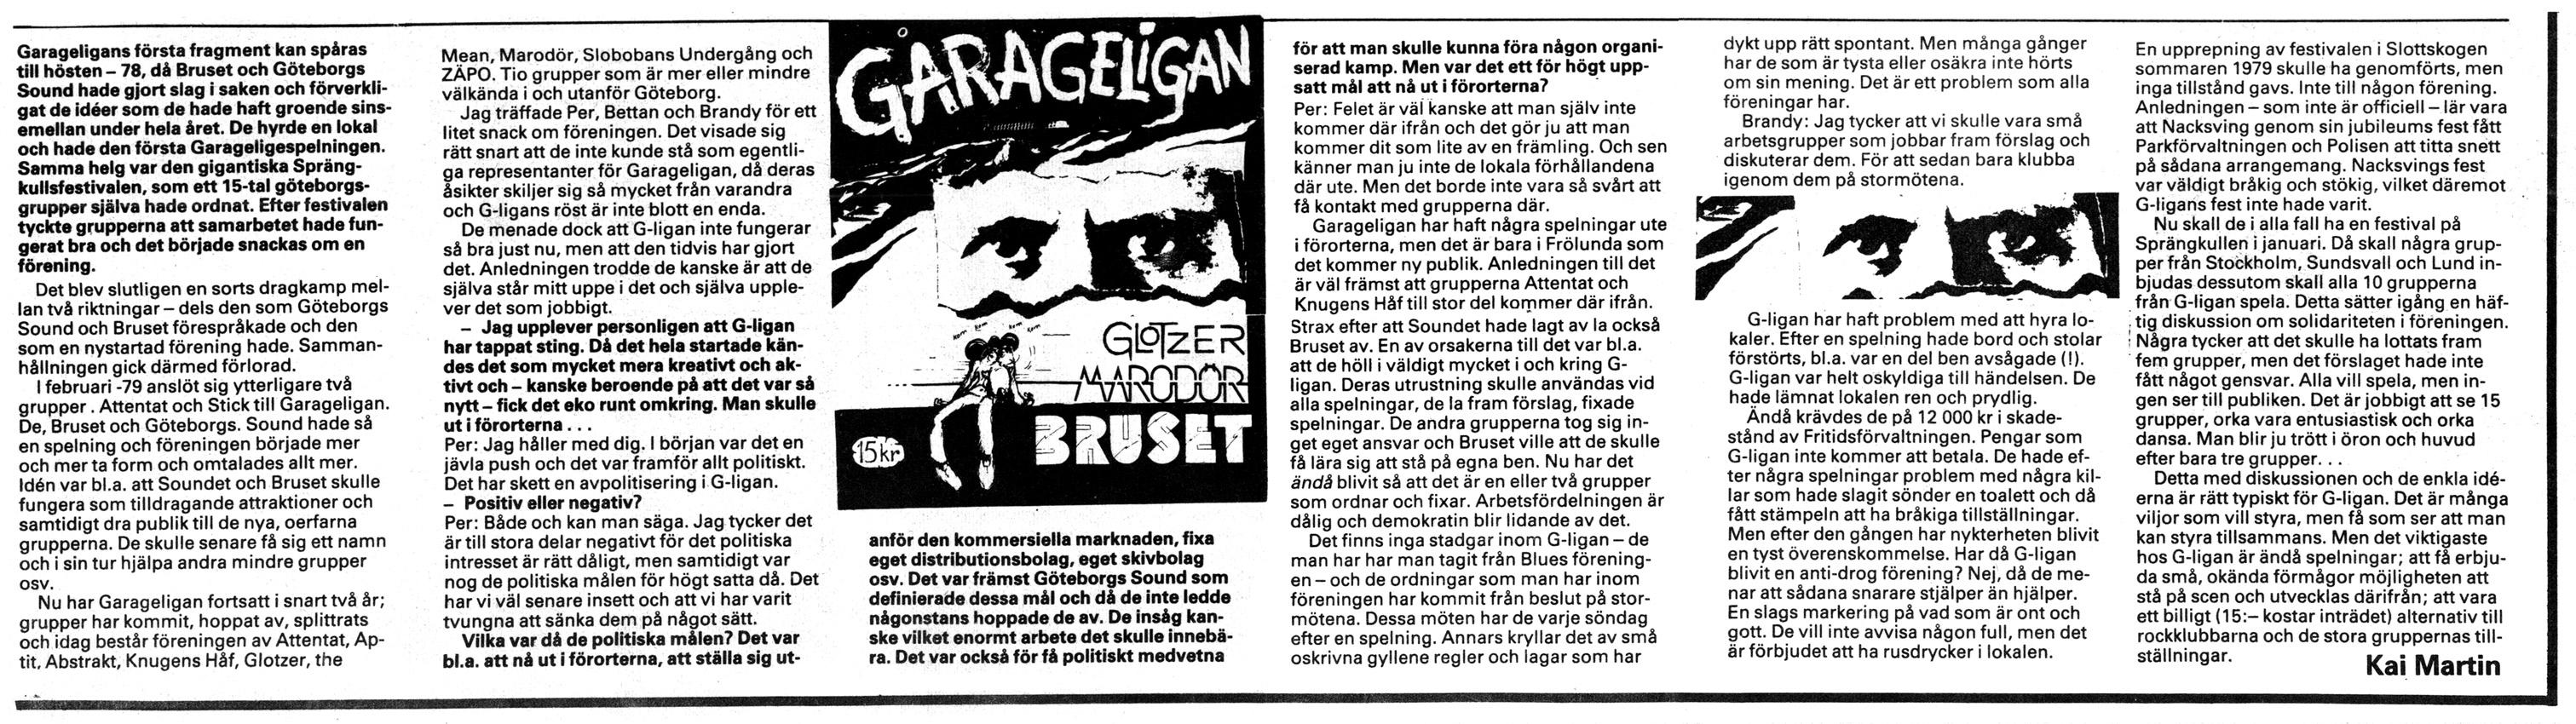 garageligan_schlager_5_801205